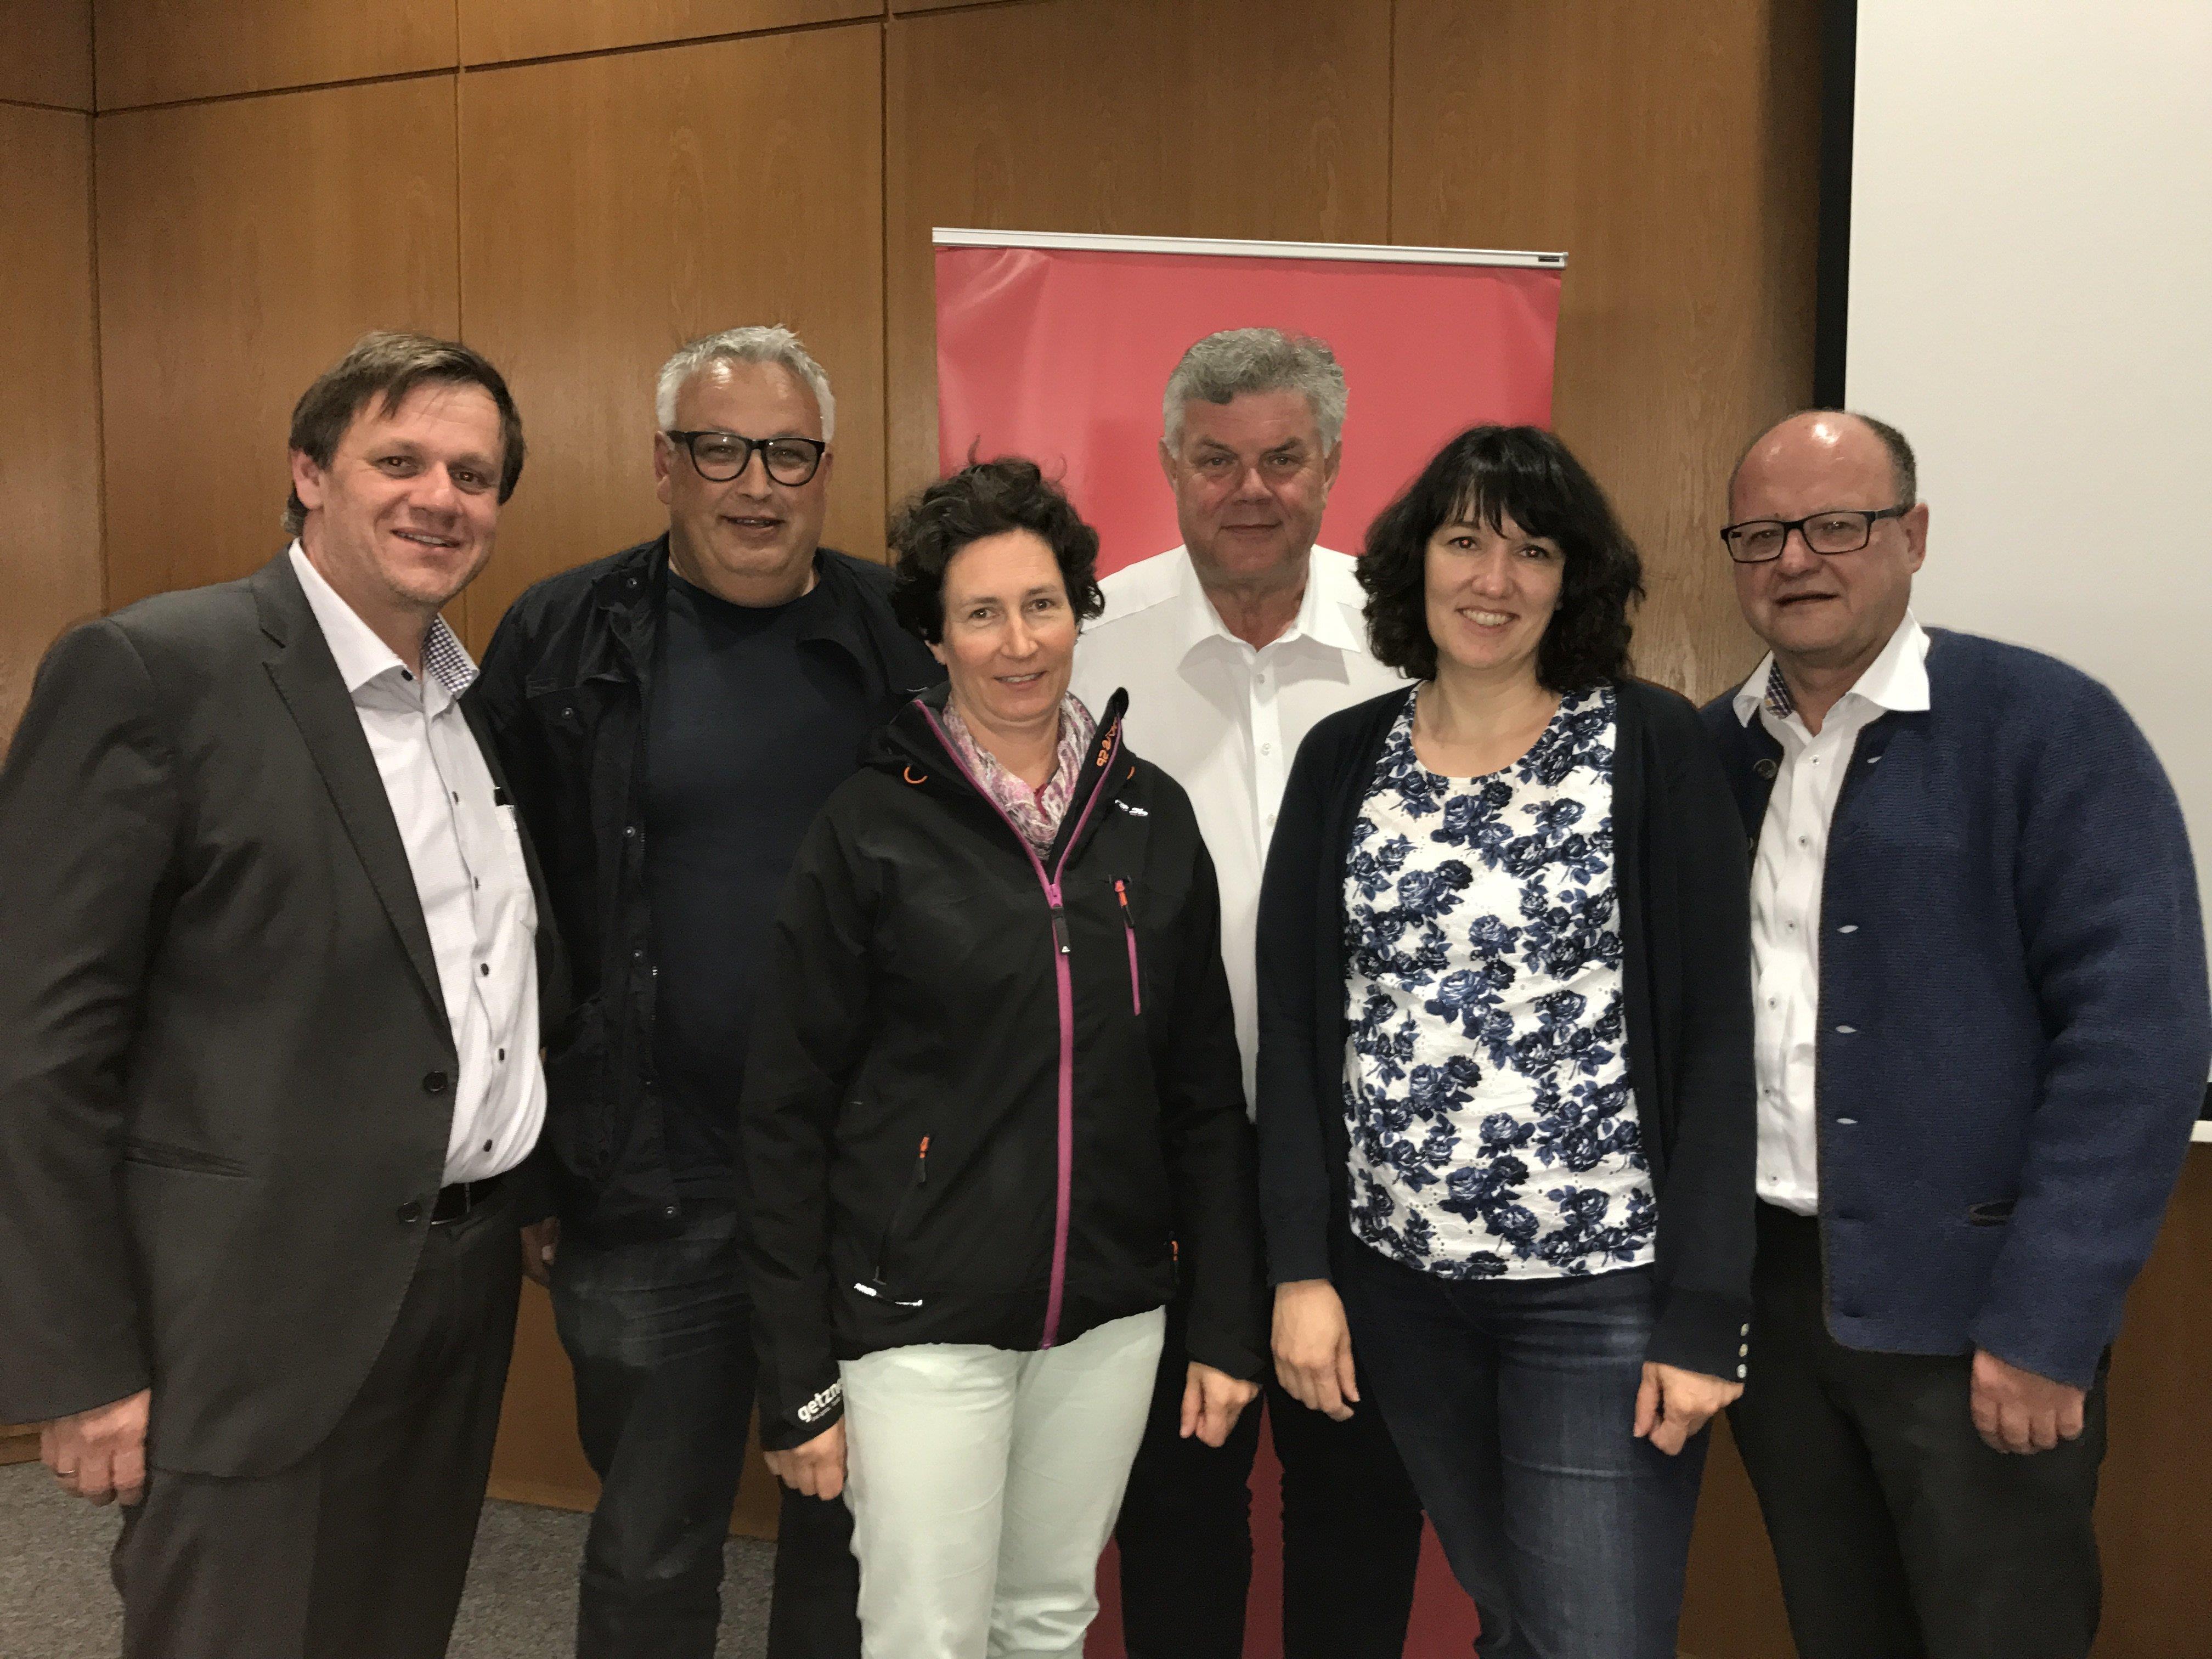 Das Führungsteam der Bludenzer Volkspartei: Thoma, Bandl, Brandstetter, Katzenmayer, Biedermann-Smith und Krump.